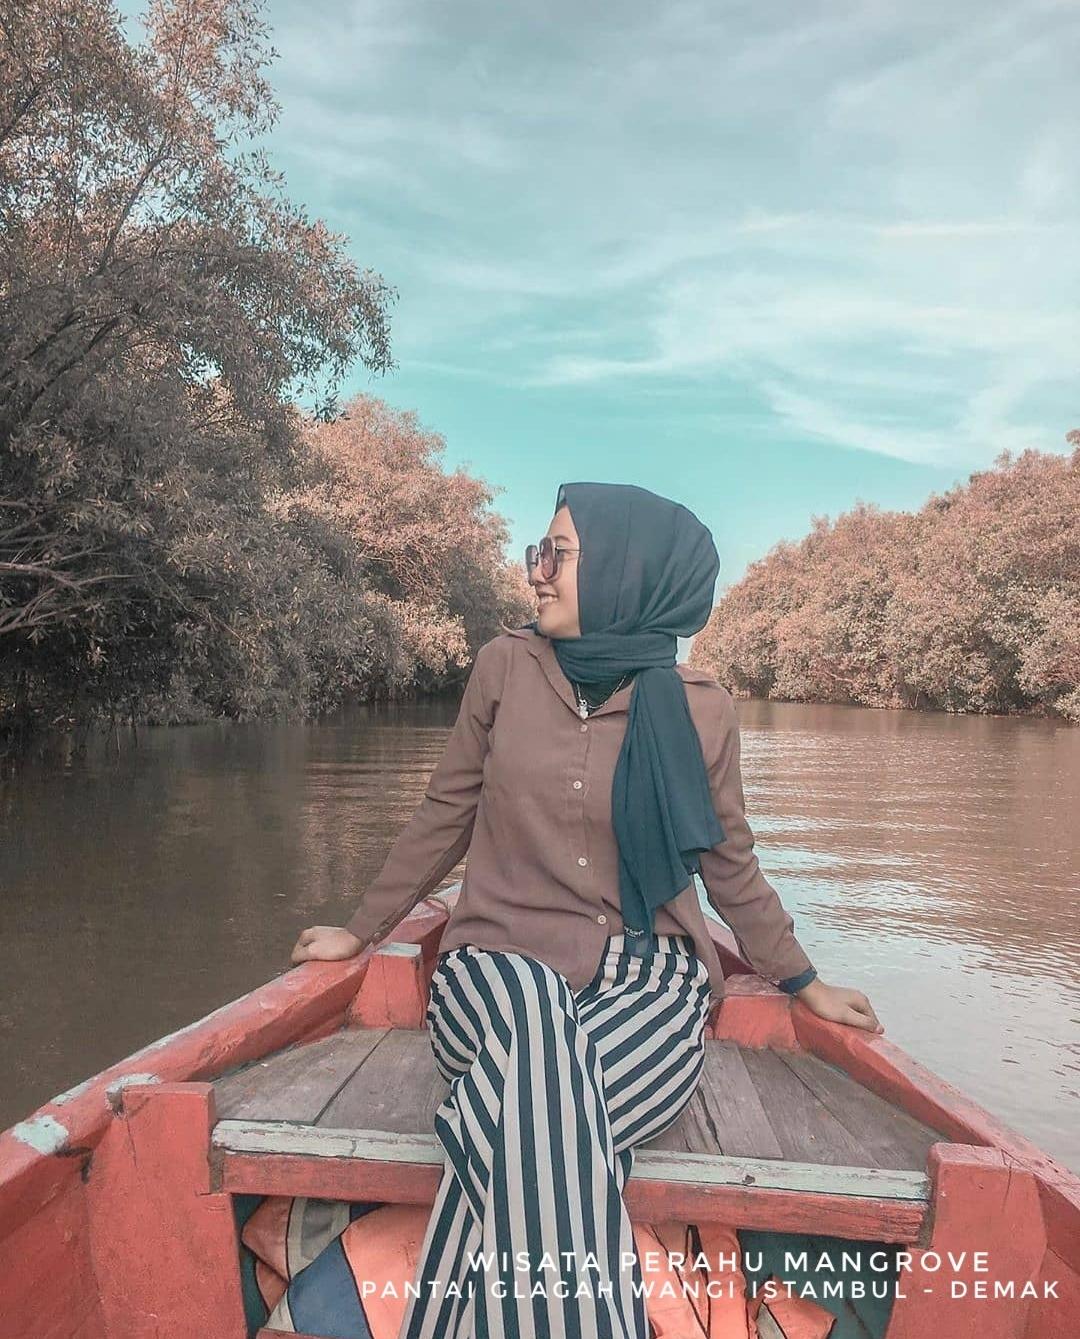 Sarana di pantai glagah wangi demak perahu